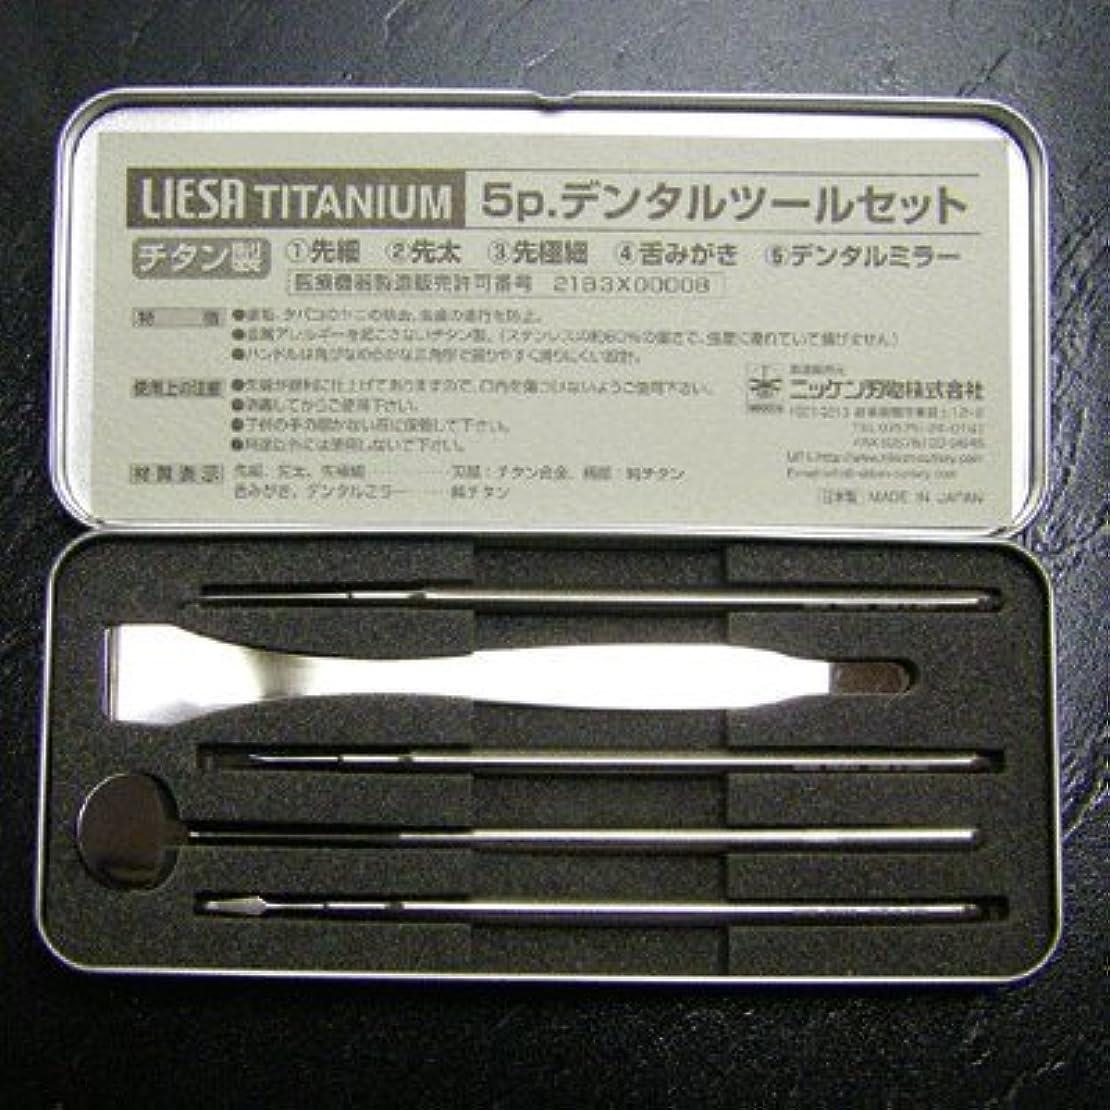 コントラスト筋肉のフリル岐阜県関の伝統 歯石取りデンタルケアセット チタン製